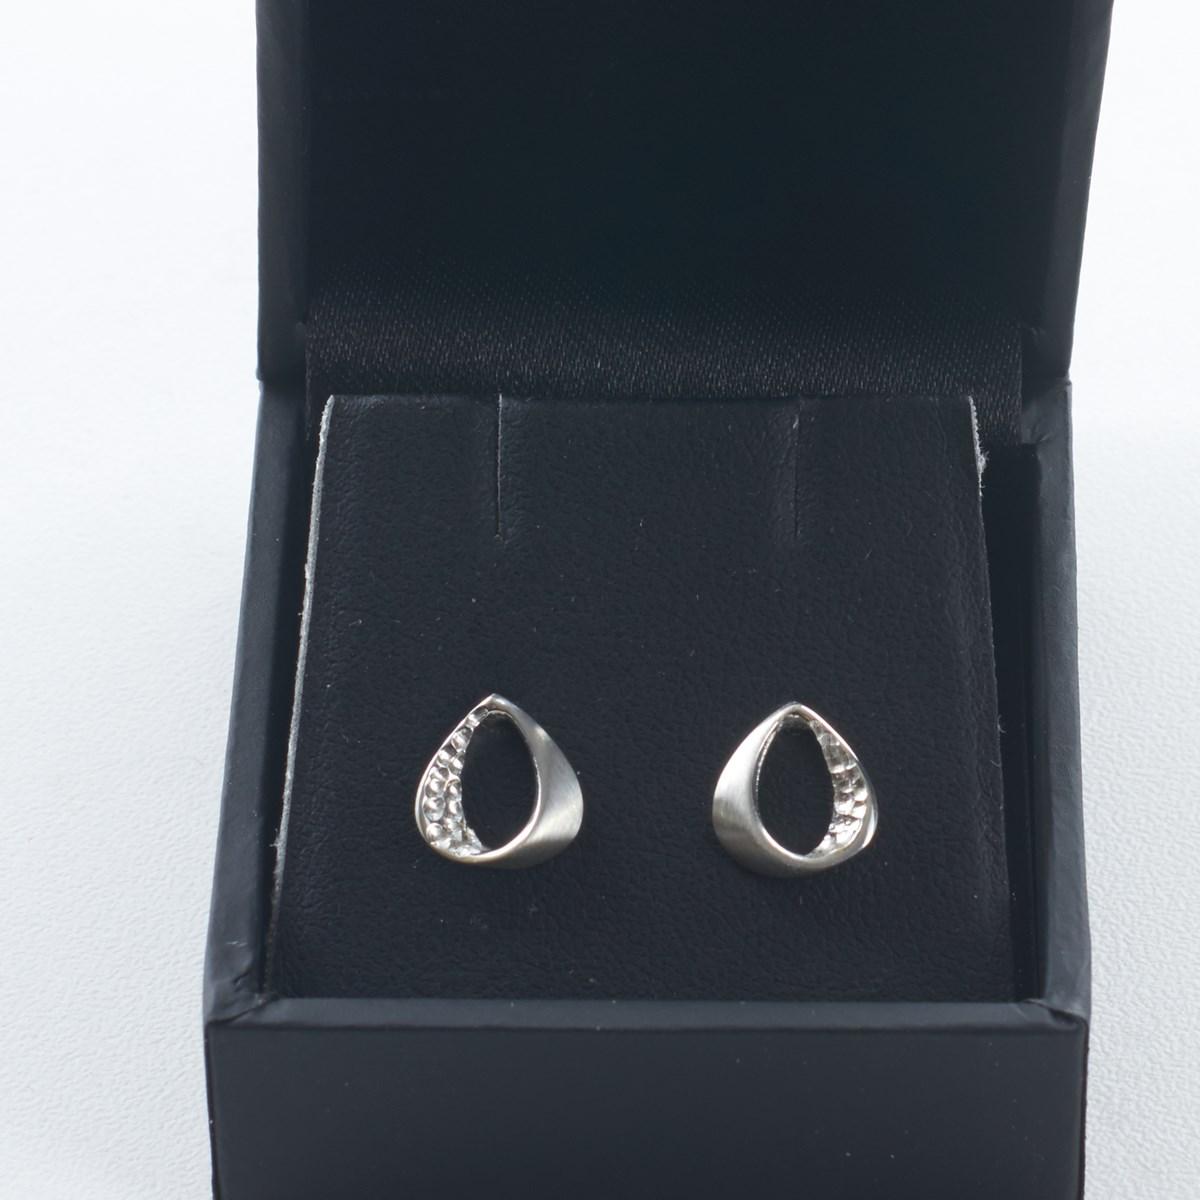 859dbe02e 18170057_sterling_silver_earings_twirl_3271_3296 ·  18170057_sterling_silver_earings_twirl_3272_3297. Previous; Next. Sterling  Silver Trendy Twirls Earrings ...